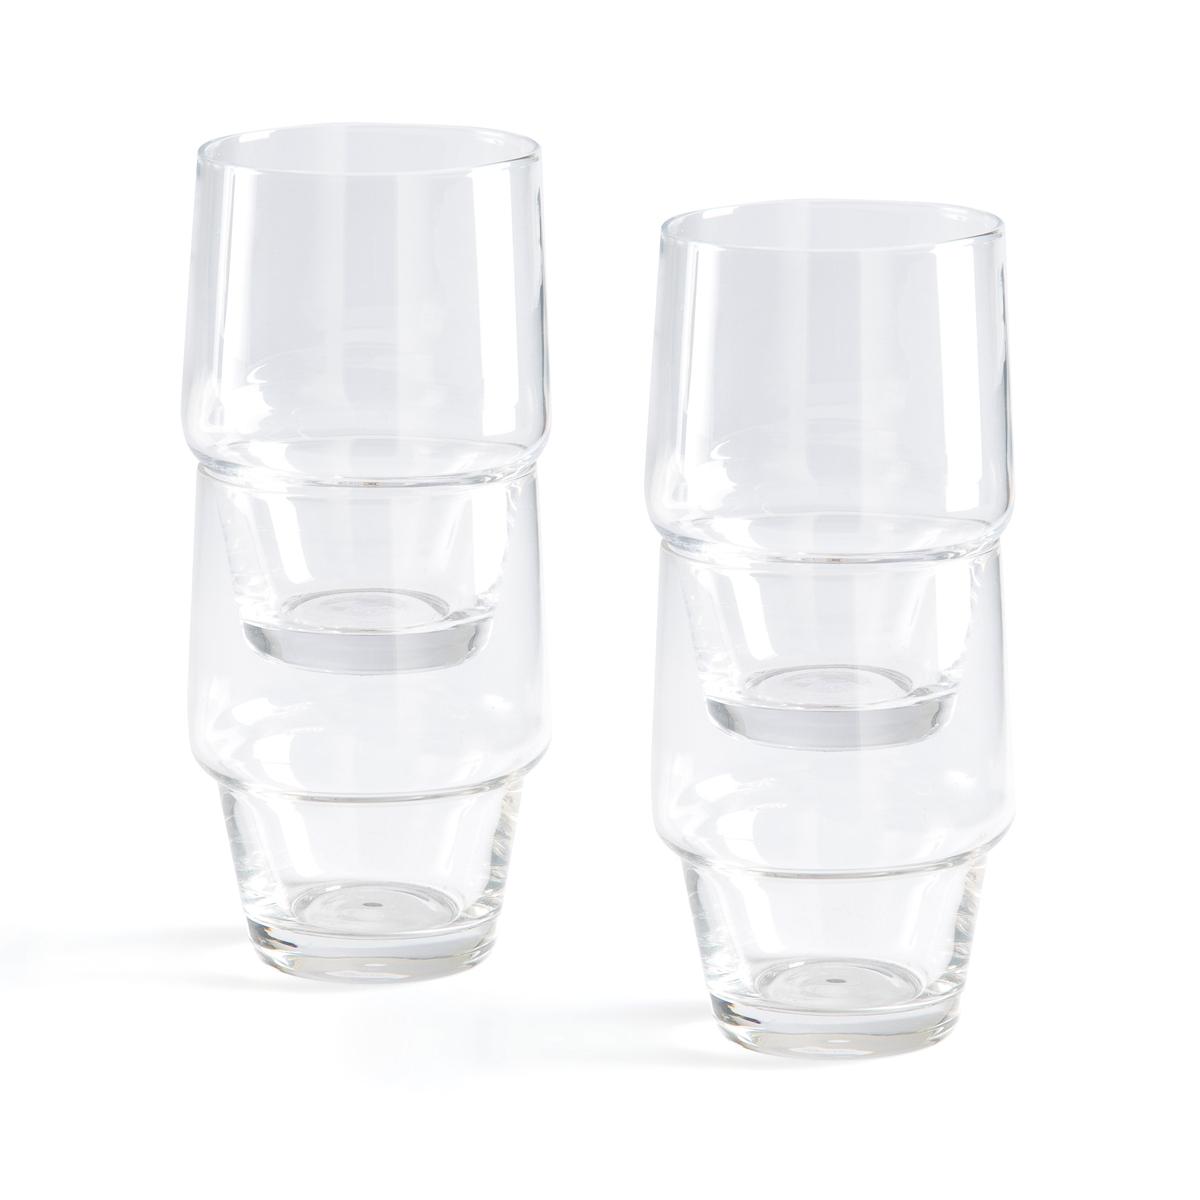 Комплект из 4 бокалов, Moly La Redoute La Redoute единый размер другие бокала la redoute для шампанского lurik единый размер другие